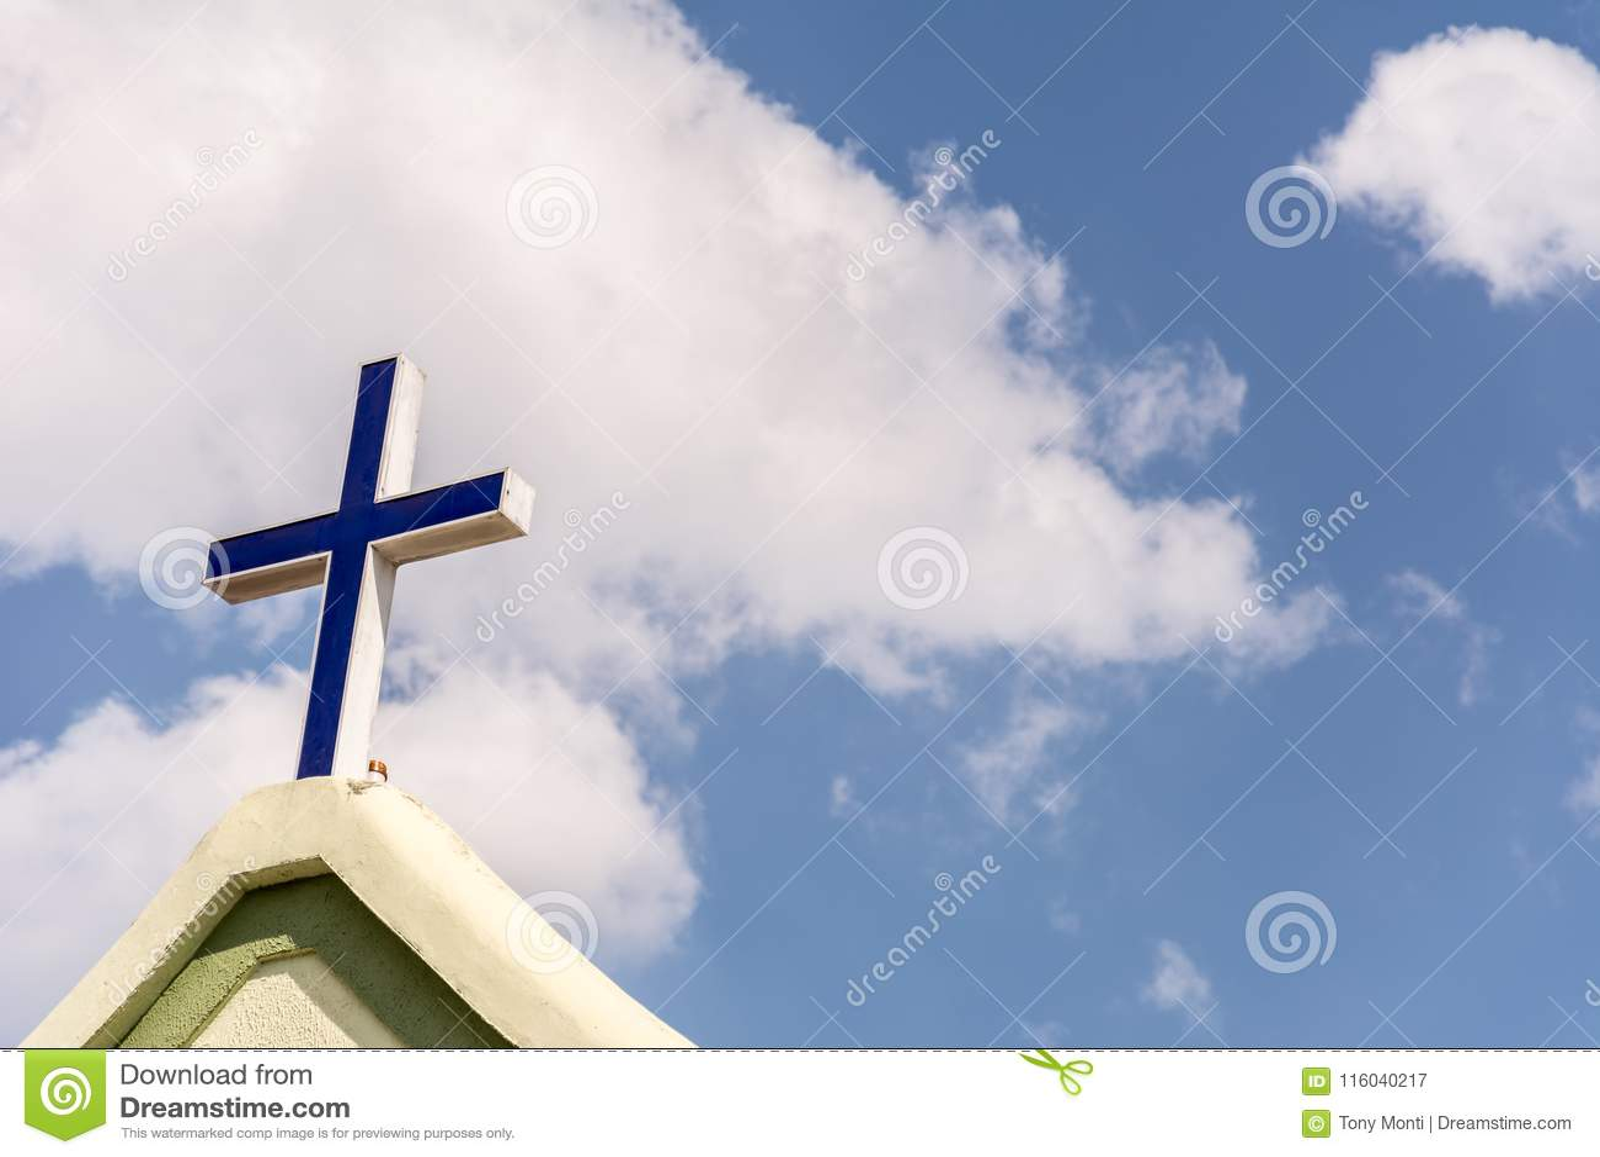 Ο σταυρός στο μέτωπο μιας εκκλησίας